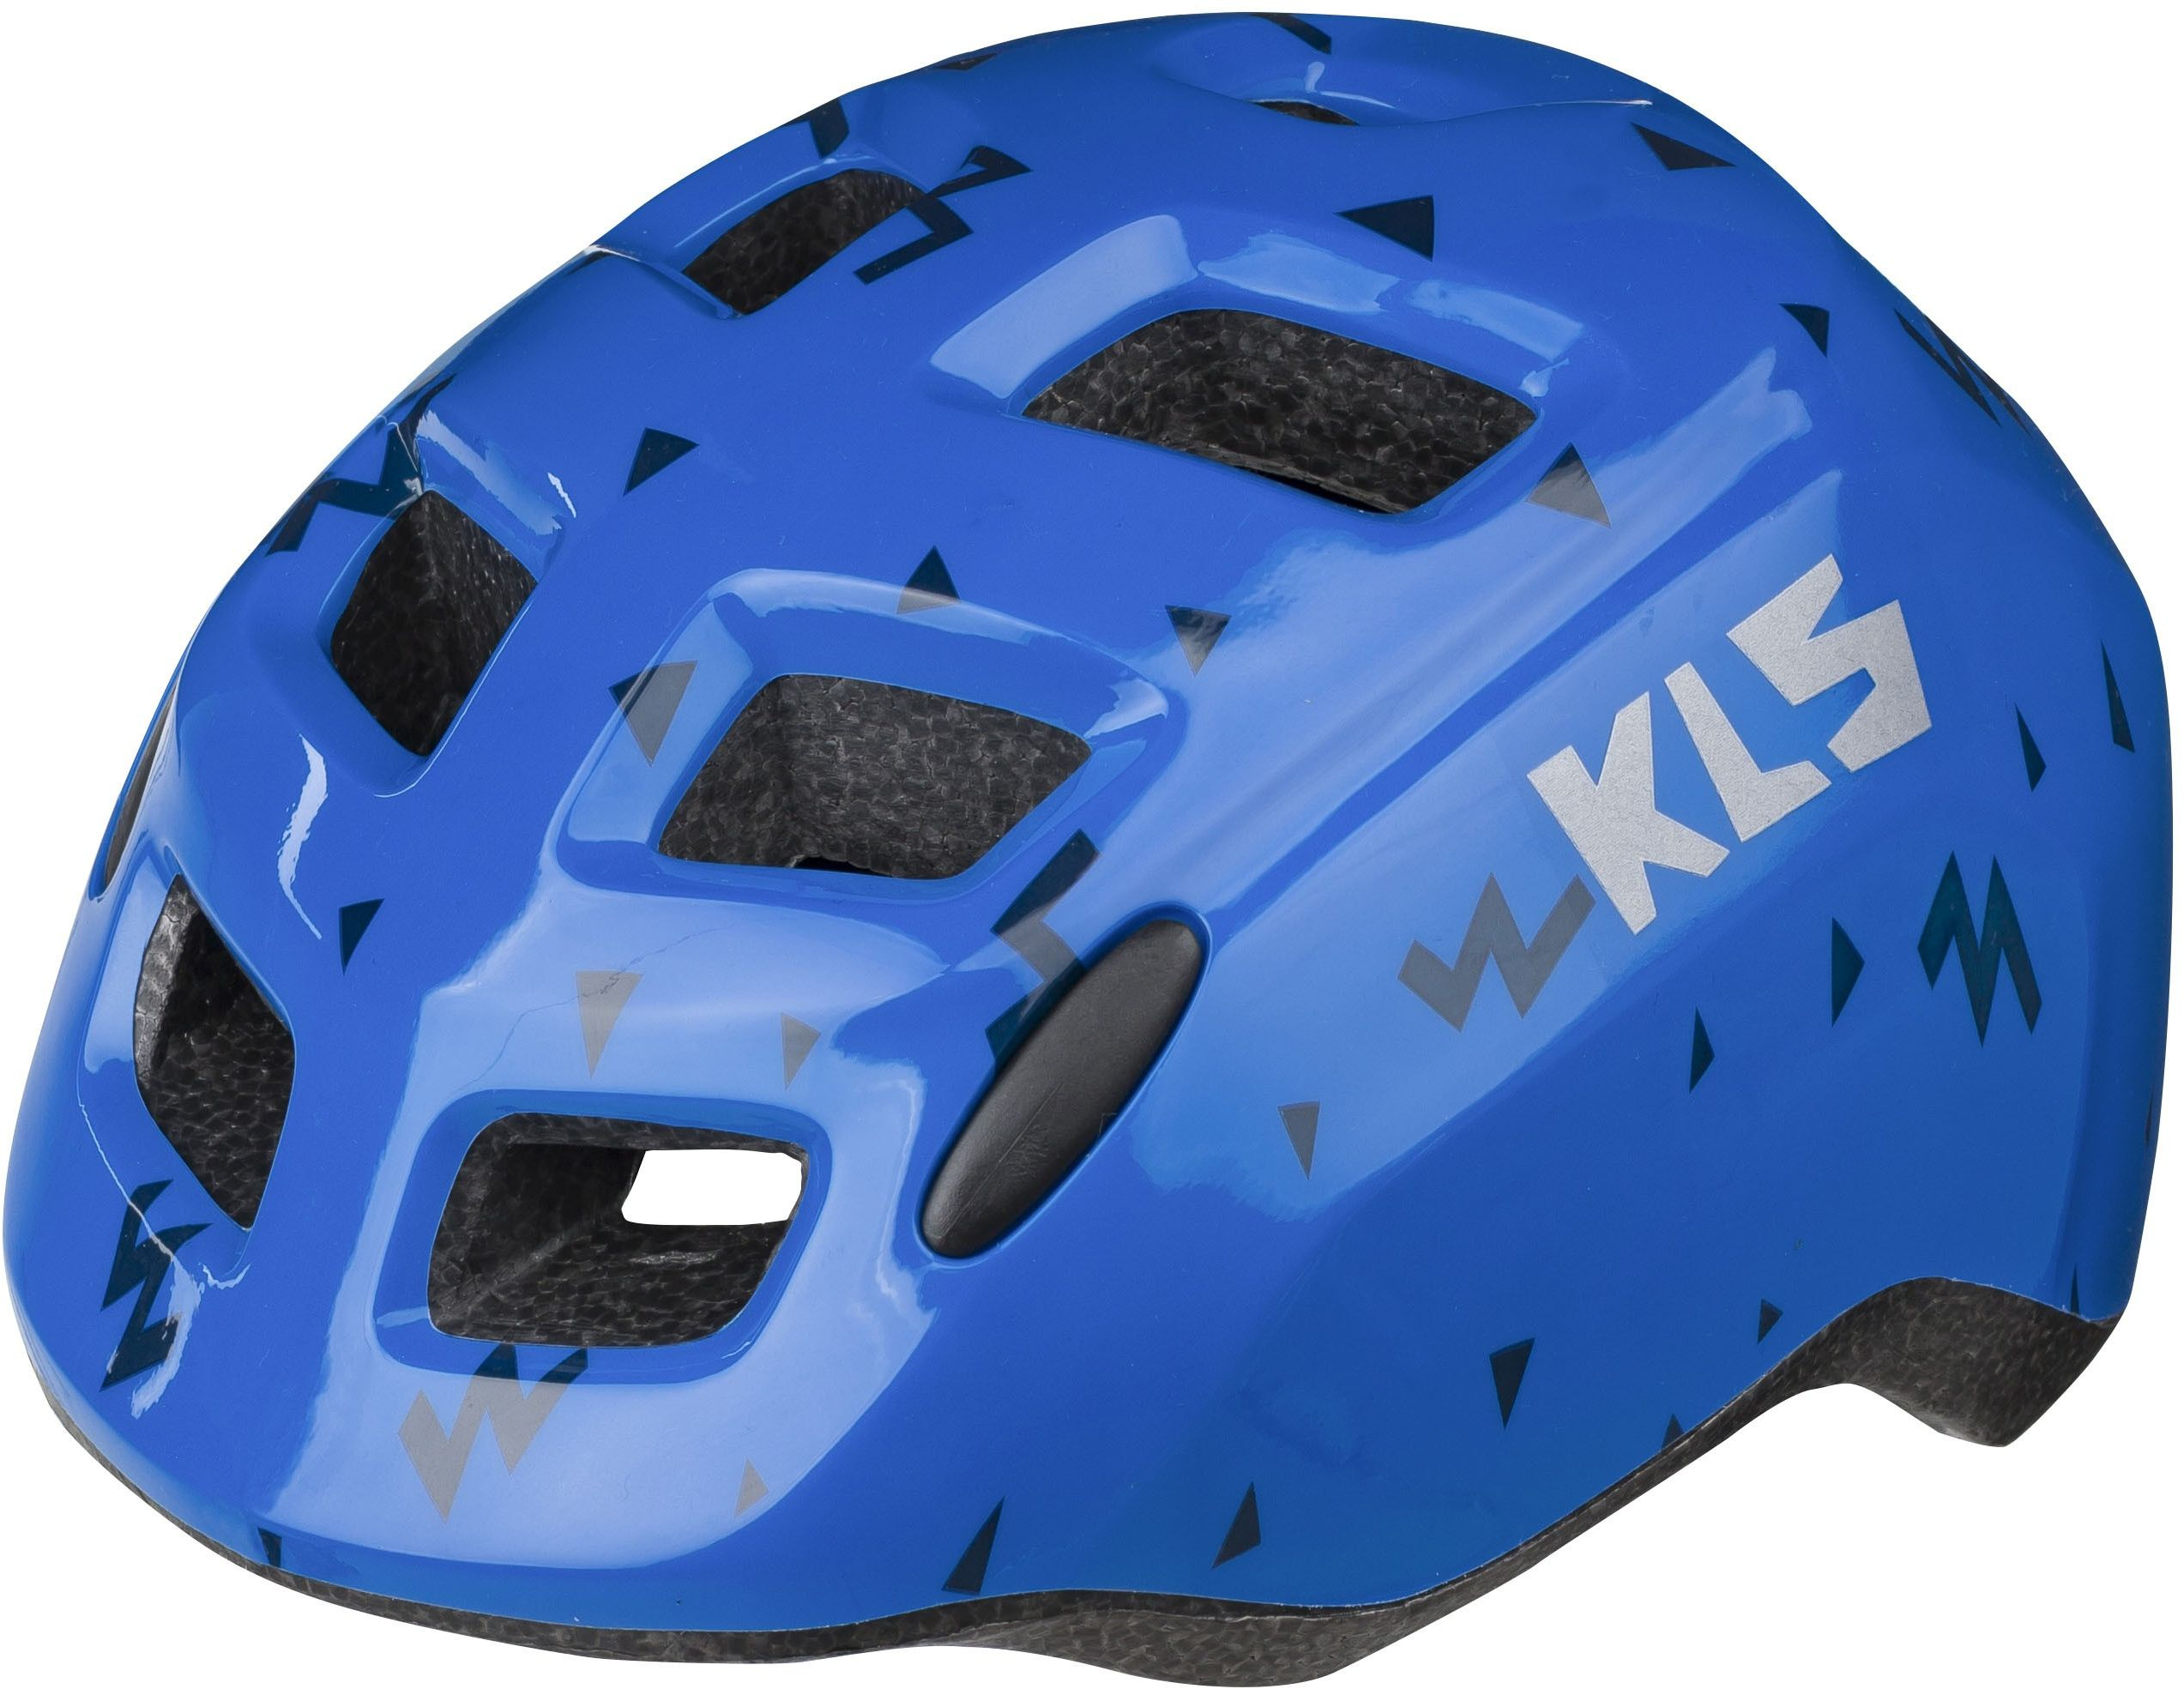 Kask dziecięcy KELLYS ZIGZAG niebieski S 50-55cm